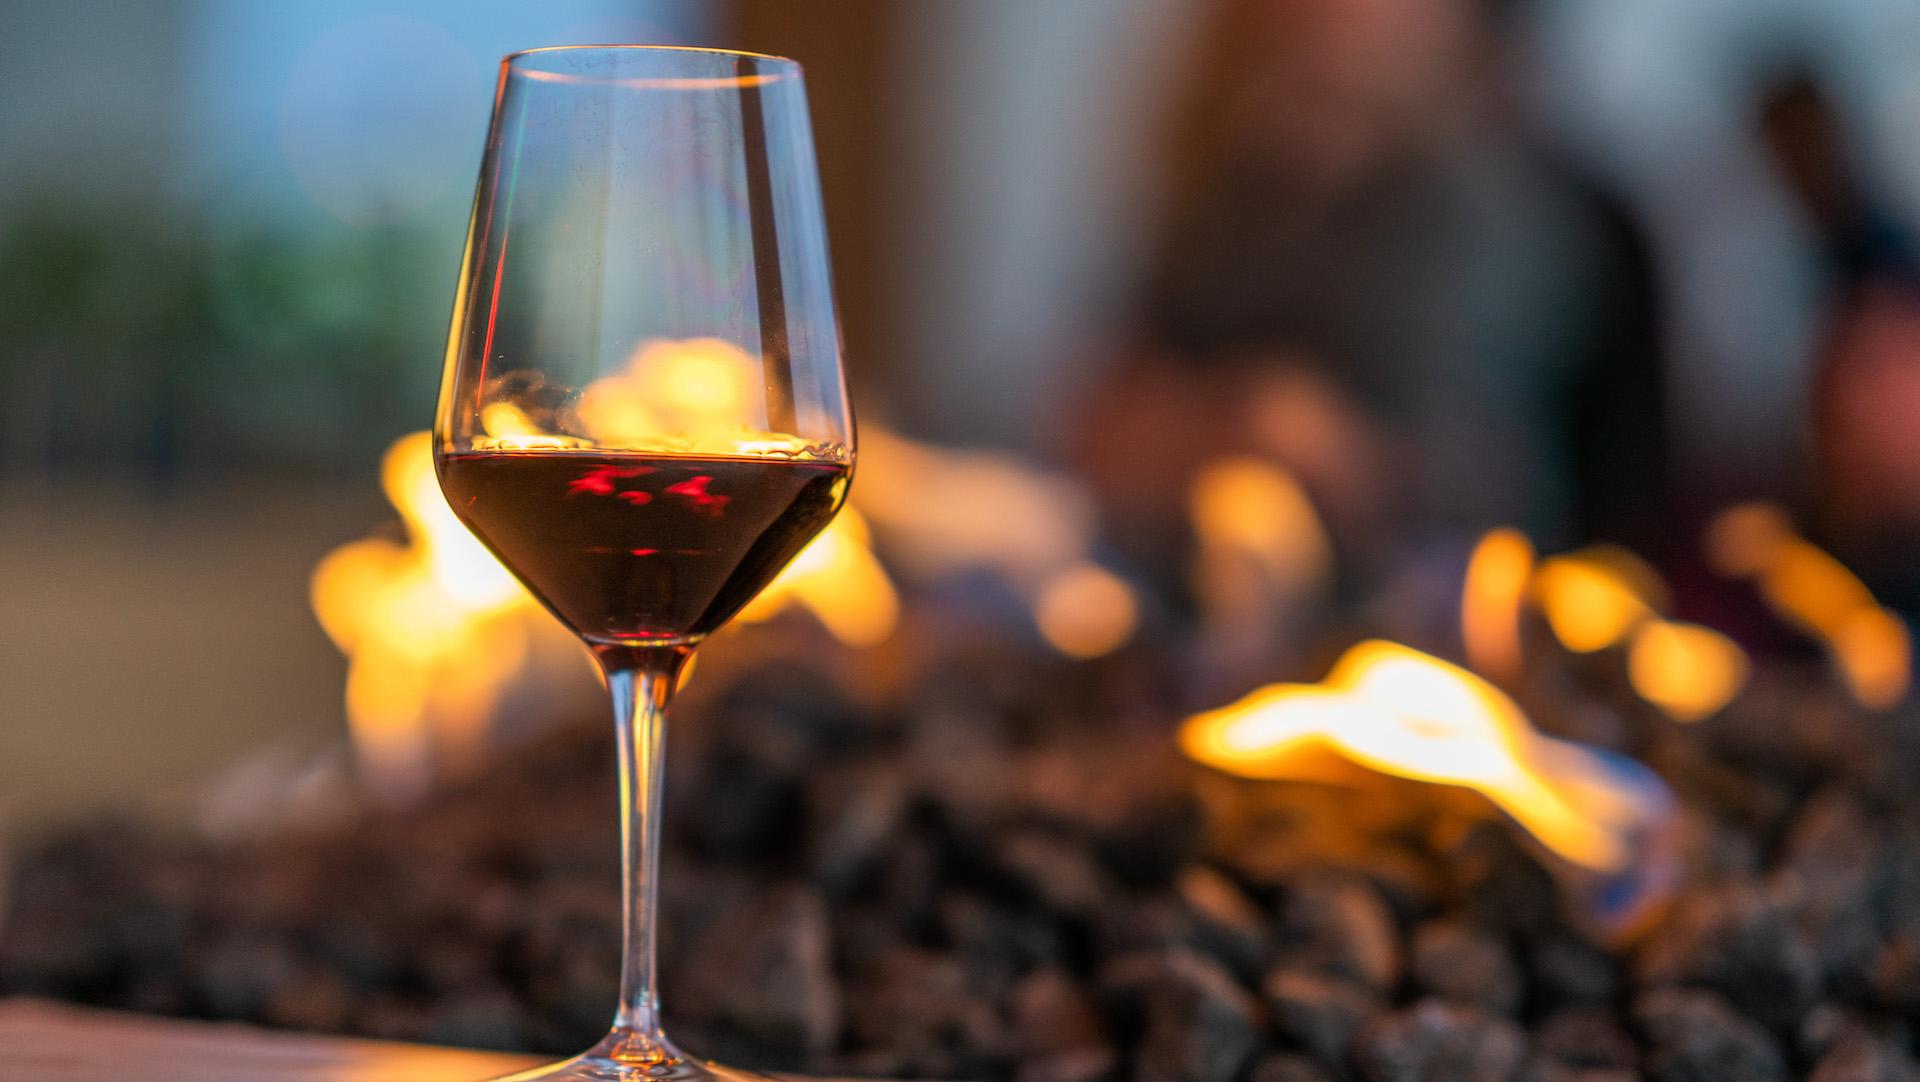 ¿Cuál es el origen del vino Malbec? Surge en Francia y Argentina es líder